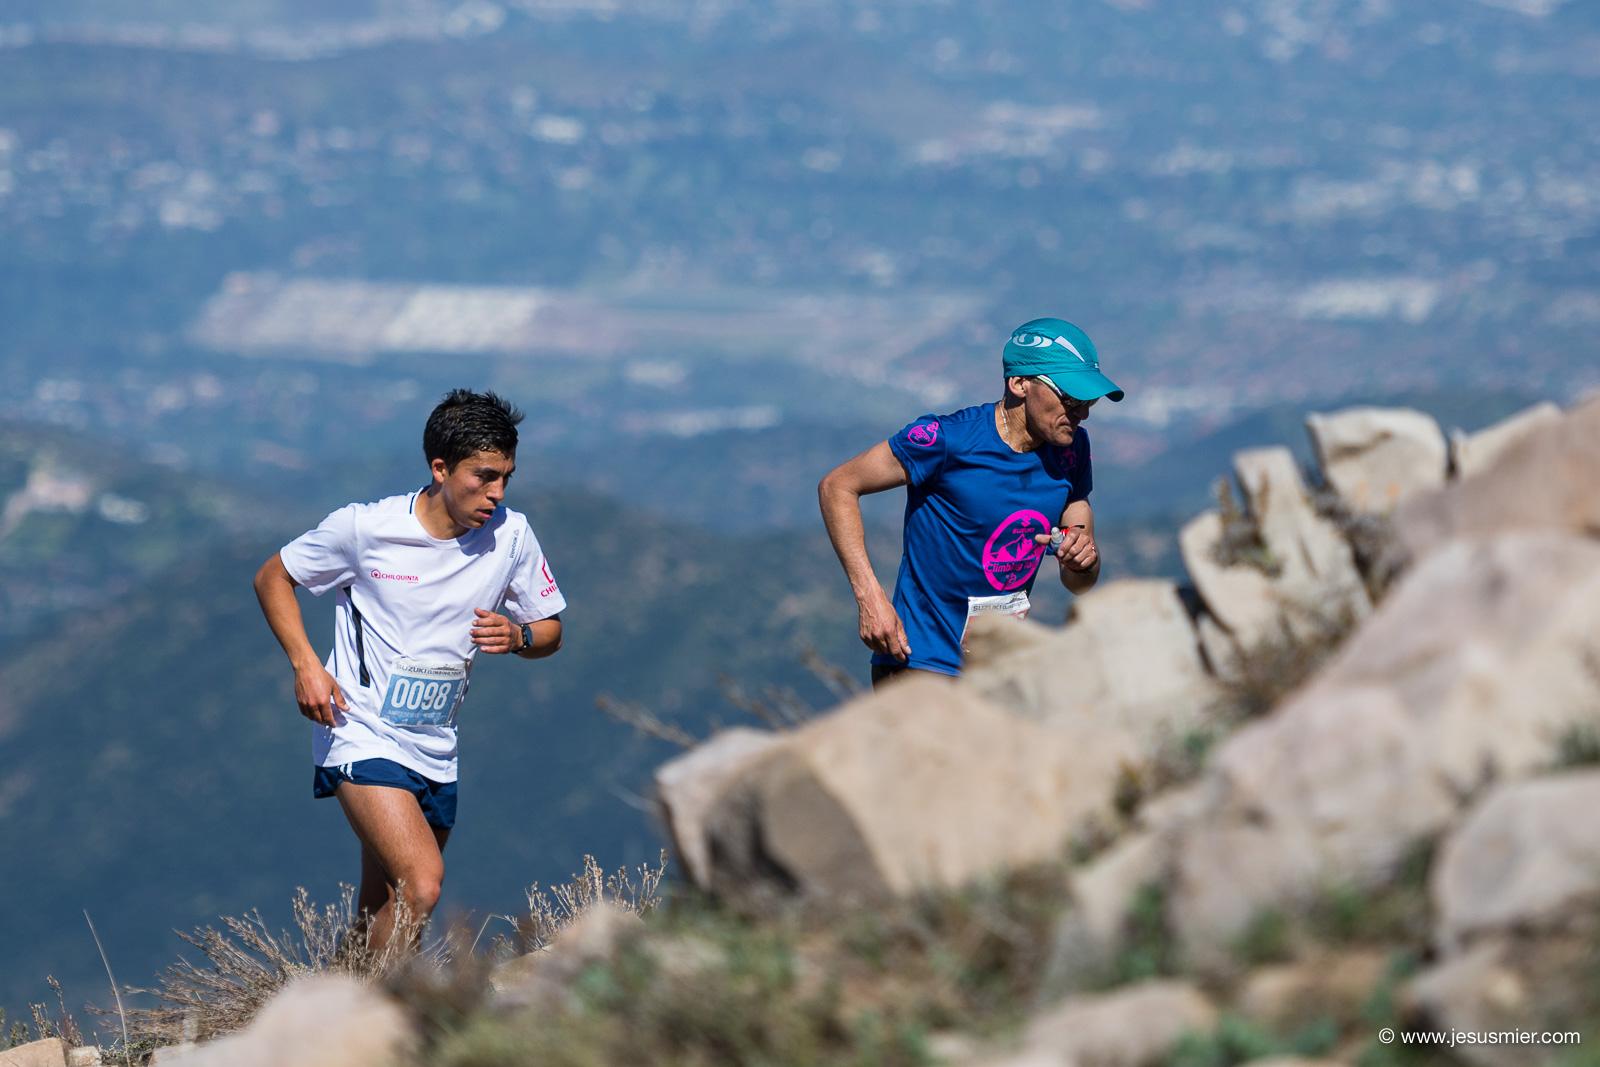 Climbing Tour 2017 - Nido de Condores